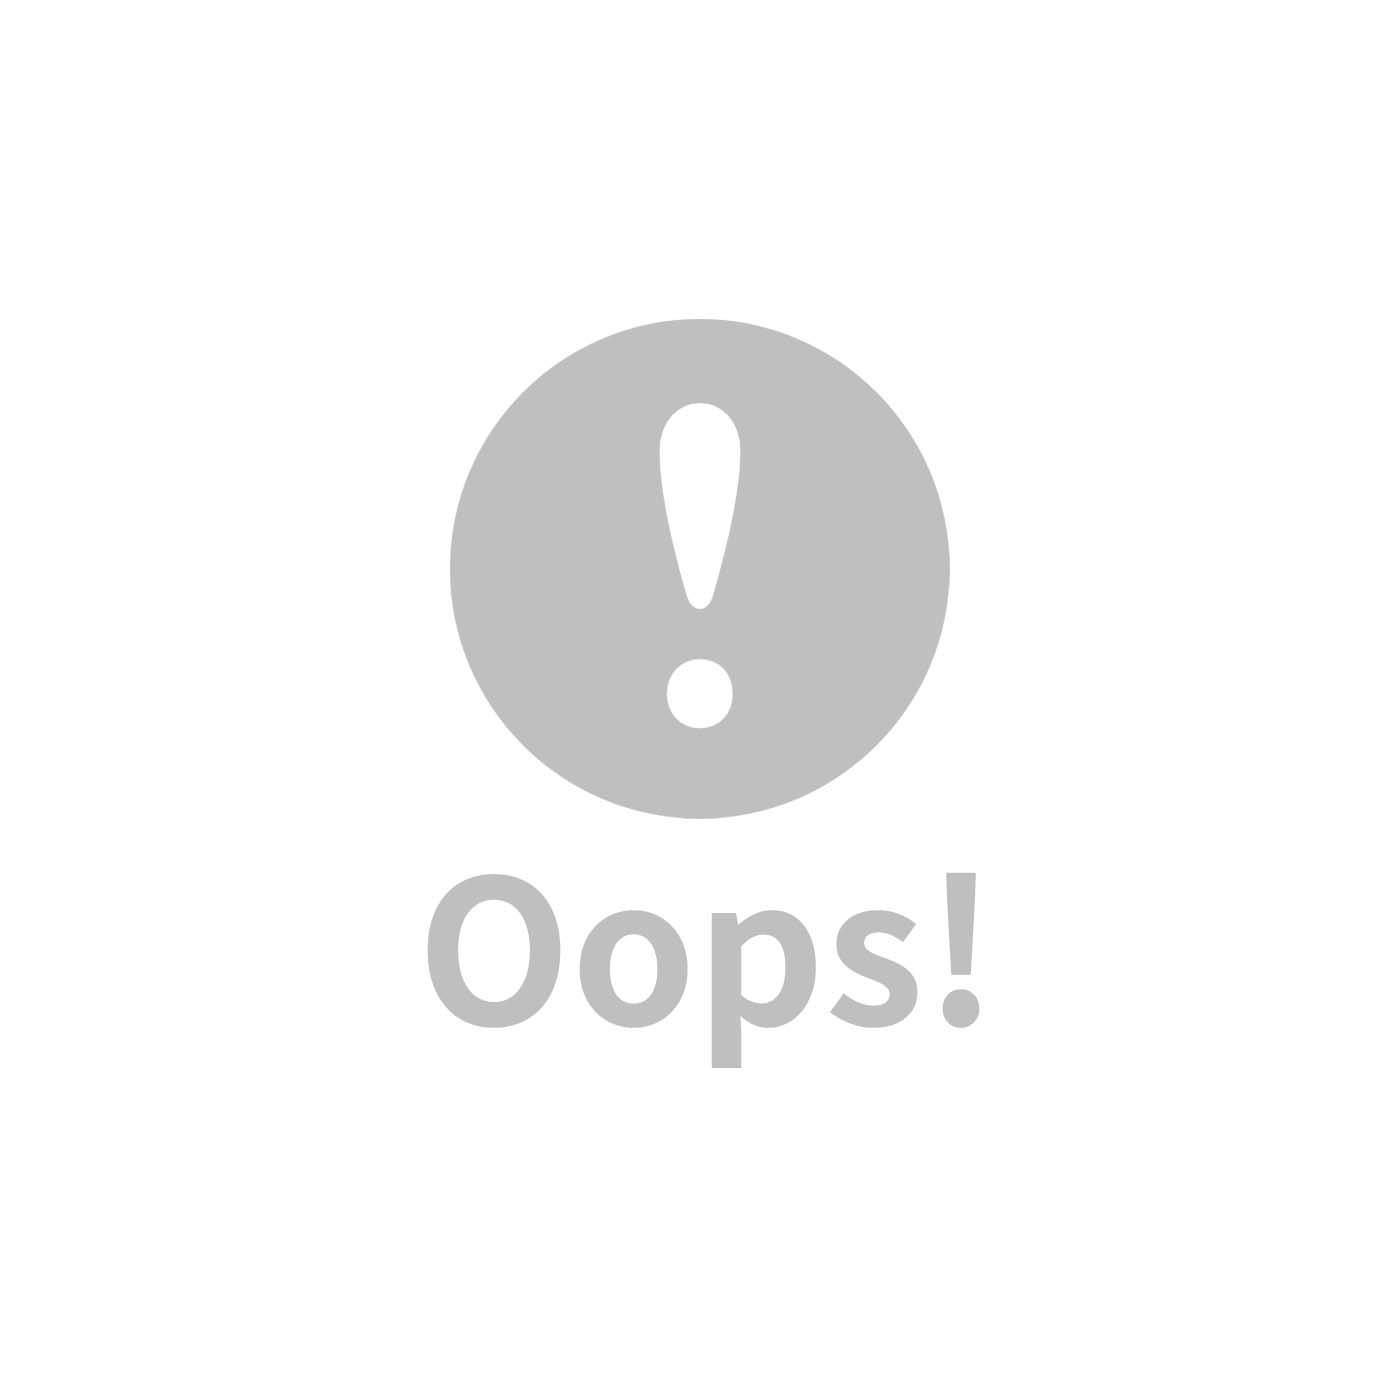 【此商品為預購品,預計2/27起出貨】部落客QQmei裝飾小QQ臥房/Cuna Tent x Sagepole成長美學小木屋/ 帳篷/兒童遊戲屋